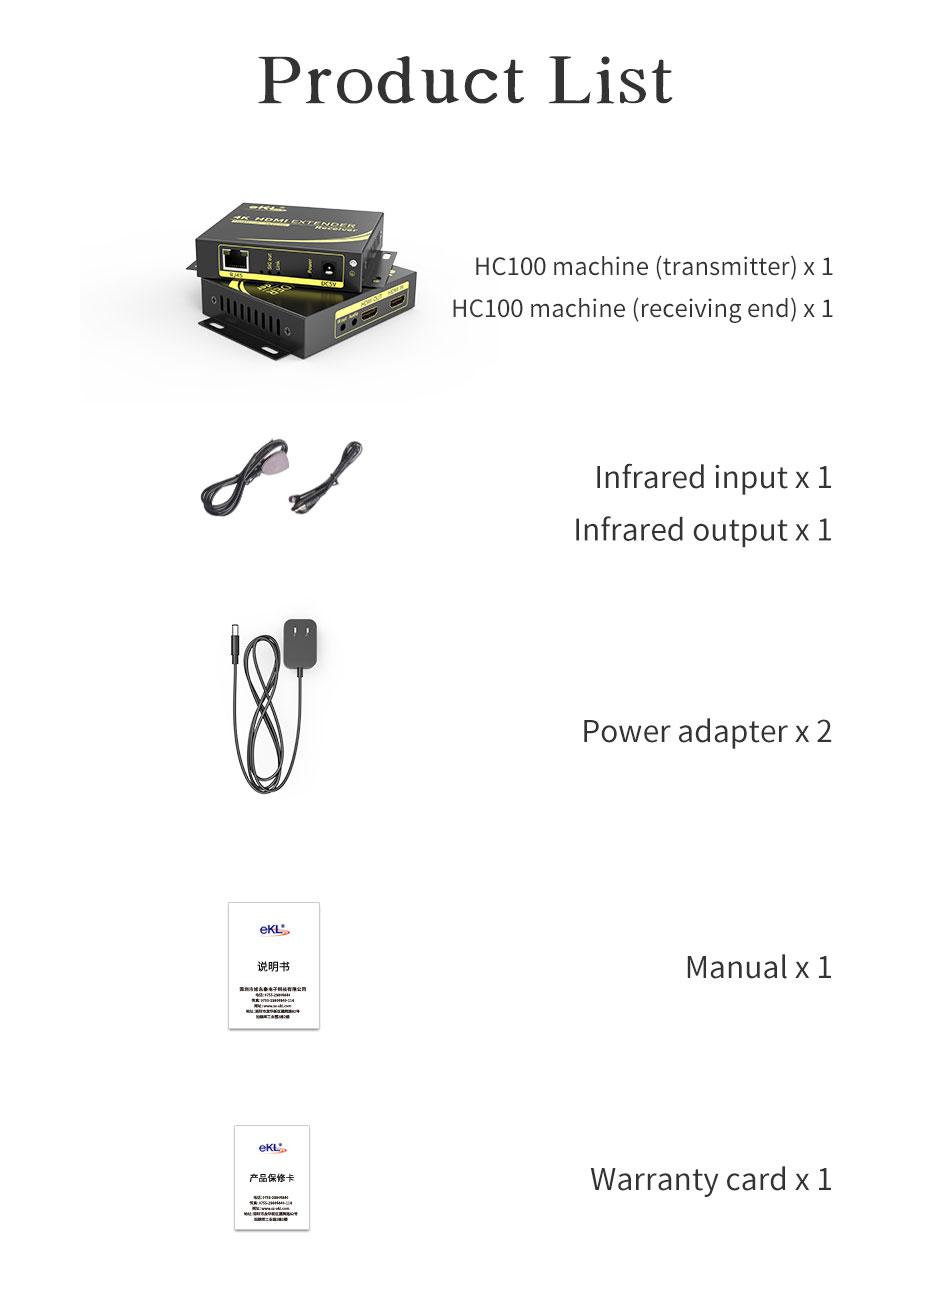 HDMI extender 4K 60Hz HC100 standard accessories